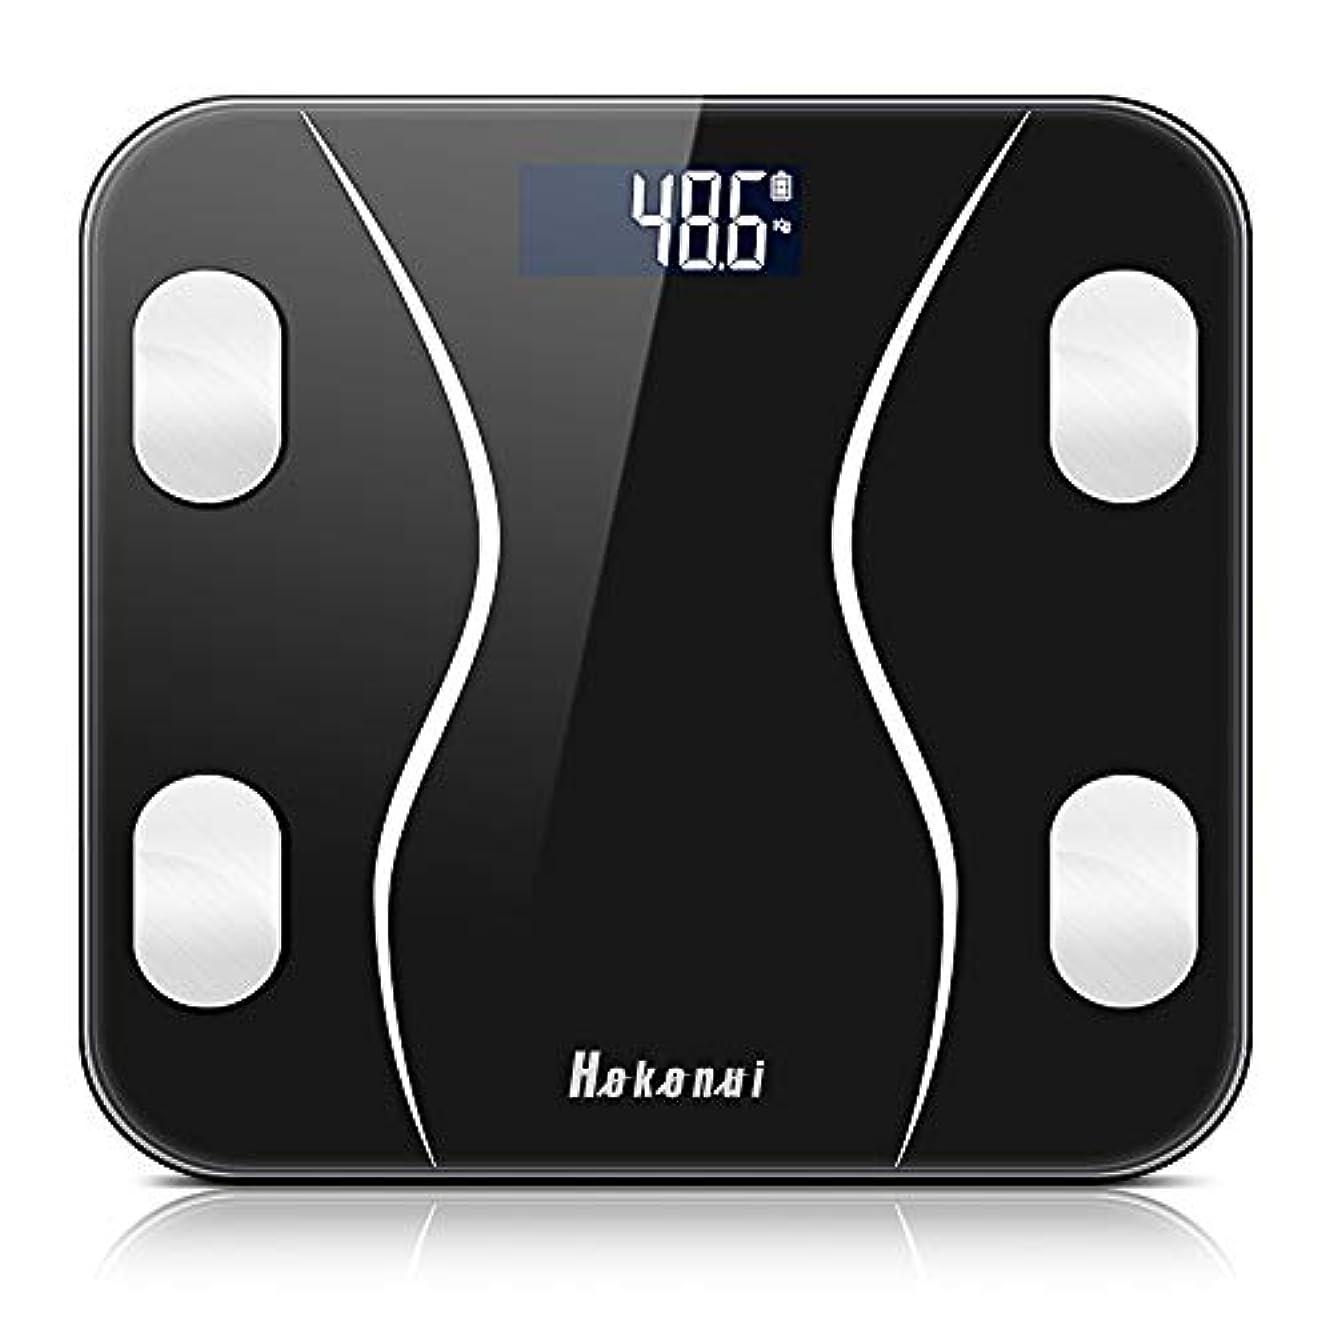 もっと置換修正する体重計 体組成計 体脂肪計 Bluetooth LCDデジタル表示 強化ガラス 高精度センサー スマートスケール 体重/体脂肪率/BMI/BMR/体内水分/骨量/骨格筋など測定 健康管理 最大180KGまで測り Kungix